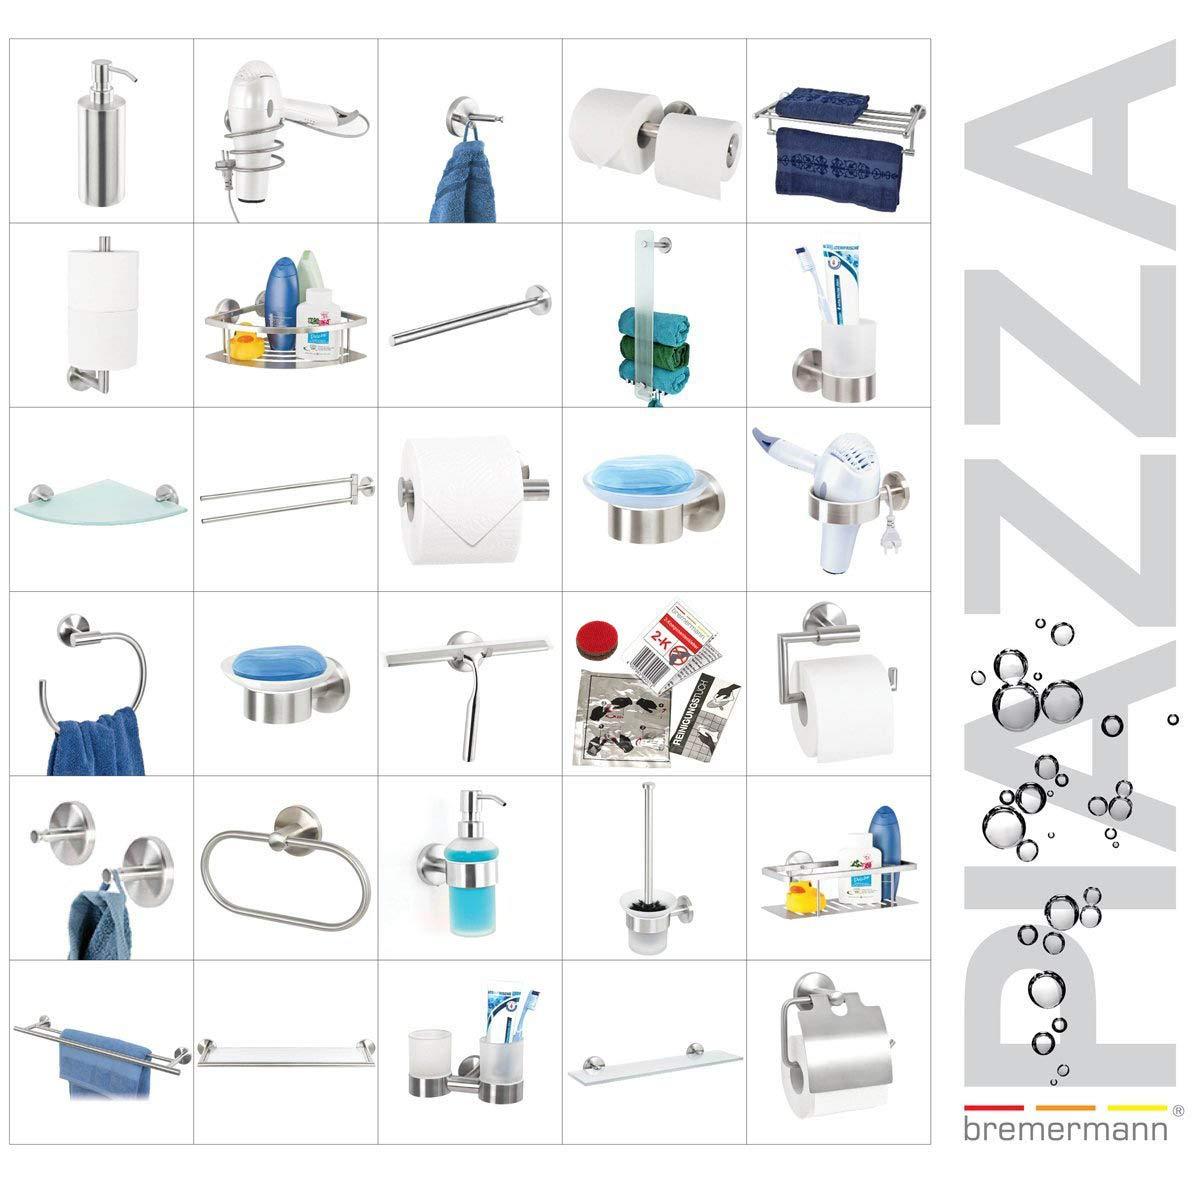 wei/ß bremermann Toilettenpapierhalter mit Ablage